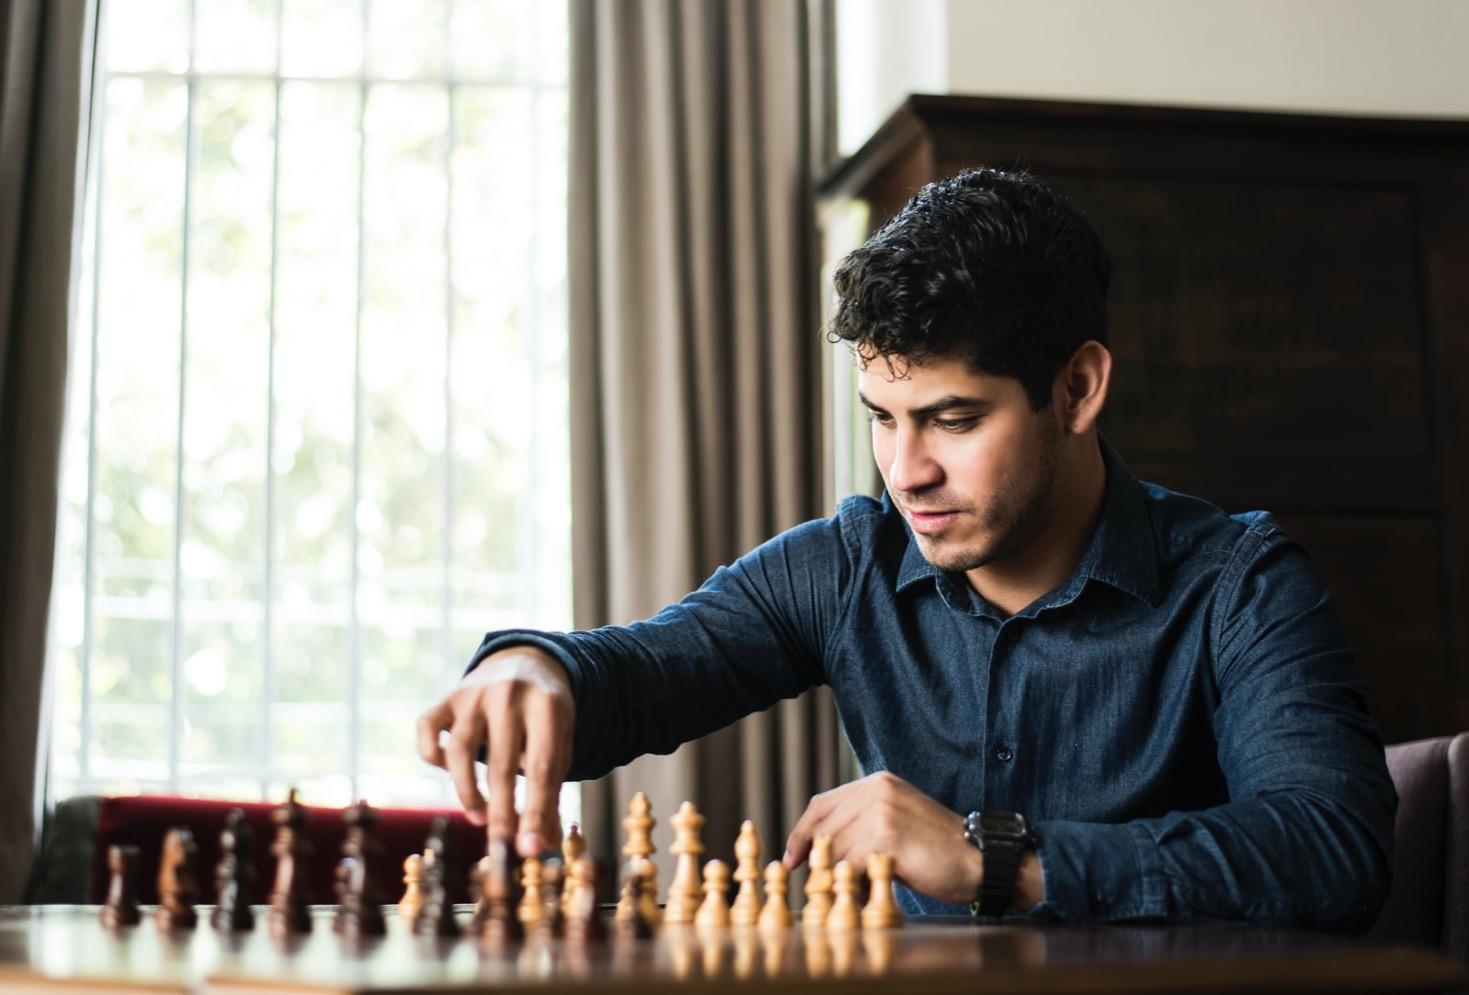 DeepMind veut conférer à son IA un style de jeu plus humain et créatif aux échecs